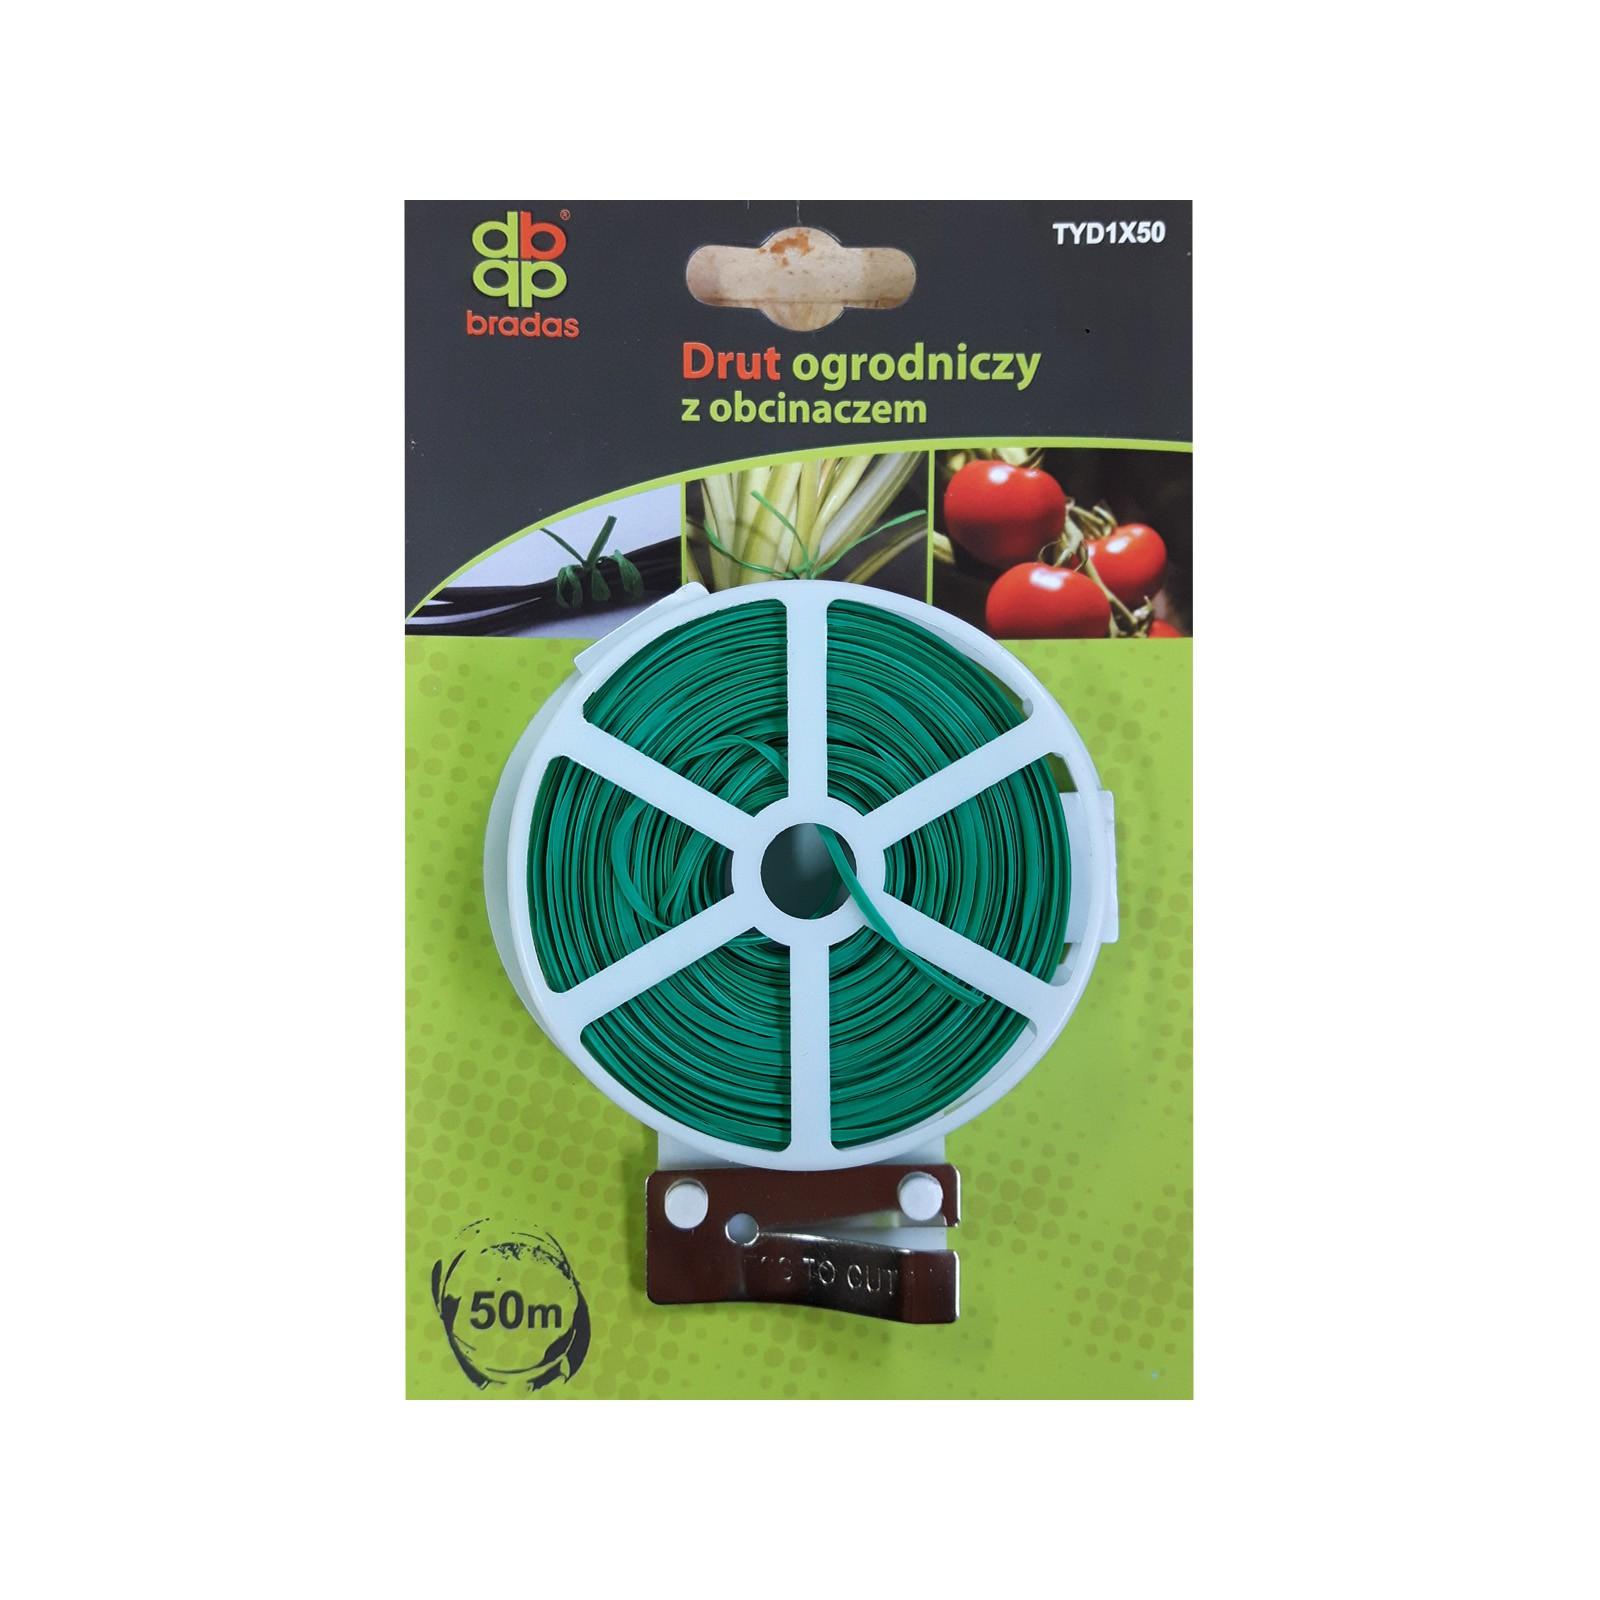 Zahradní drát zelený 50m a nožík na řezání drátu megamix.shop